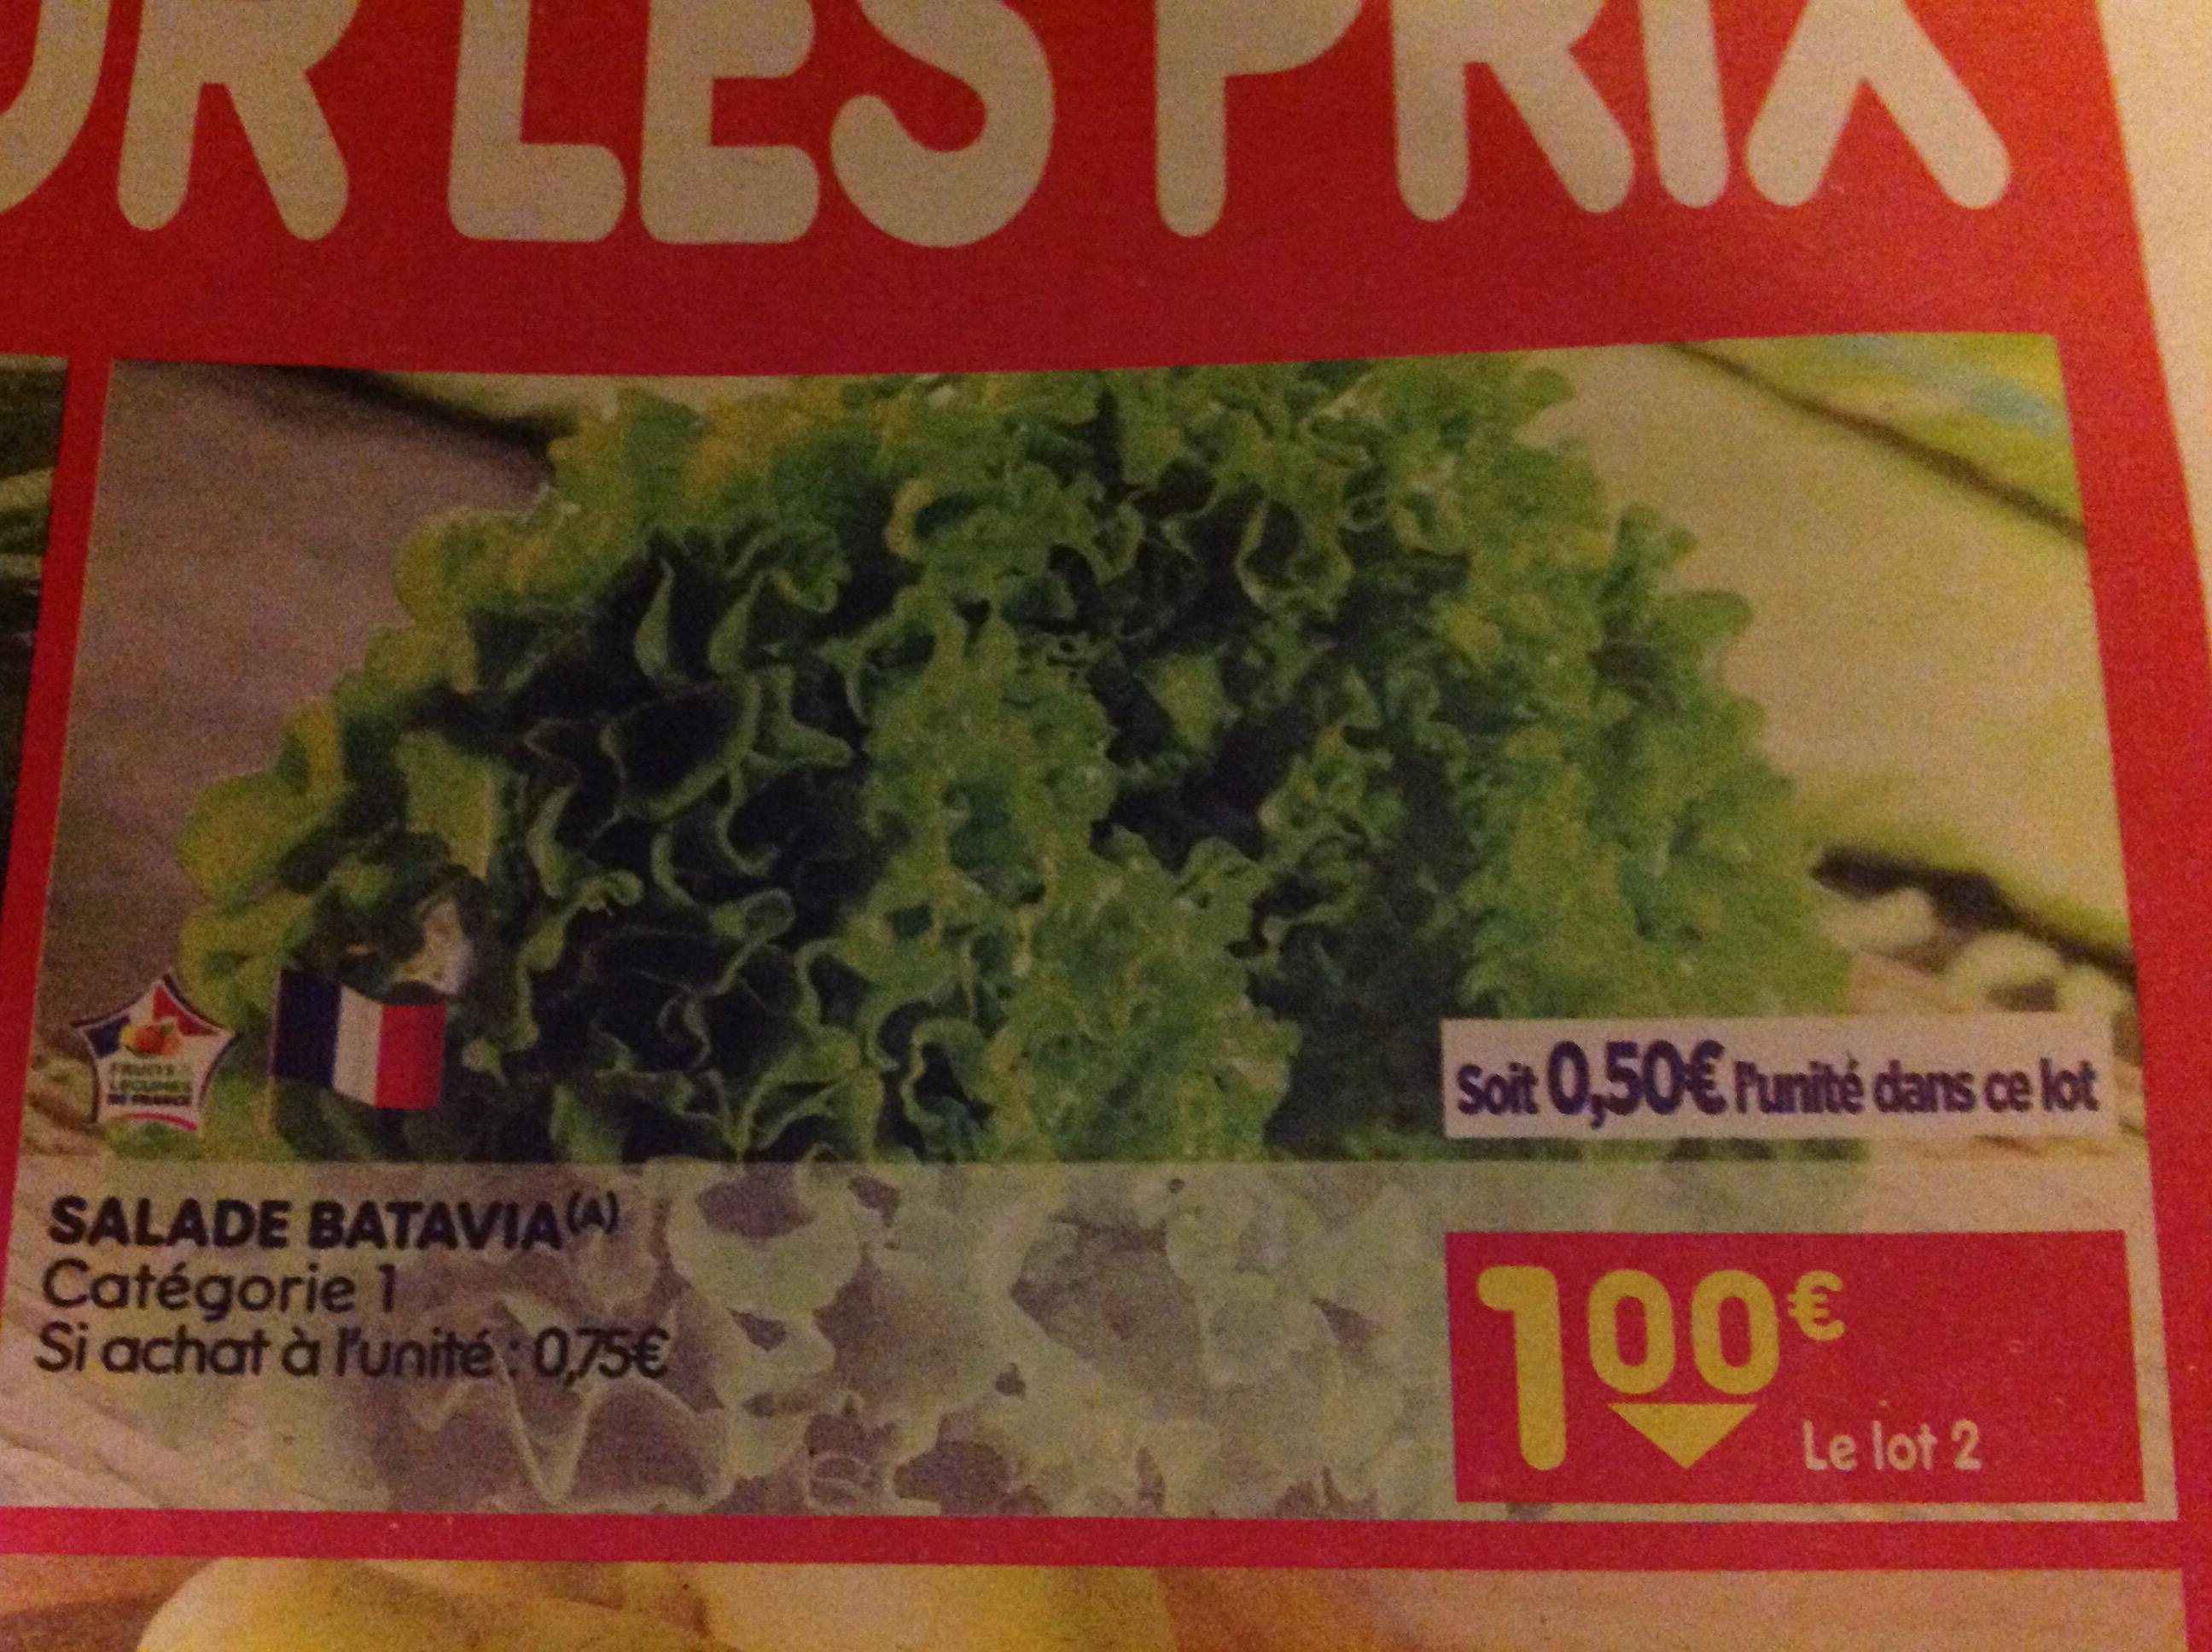 Sélection de Fruits et Légumes en Promotion - Ex: Lot de 2 Salades Batavias Catégorie 1